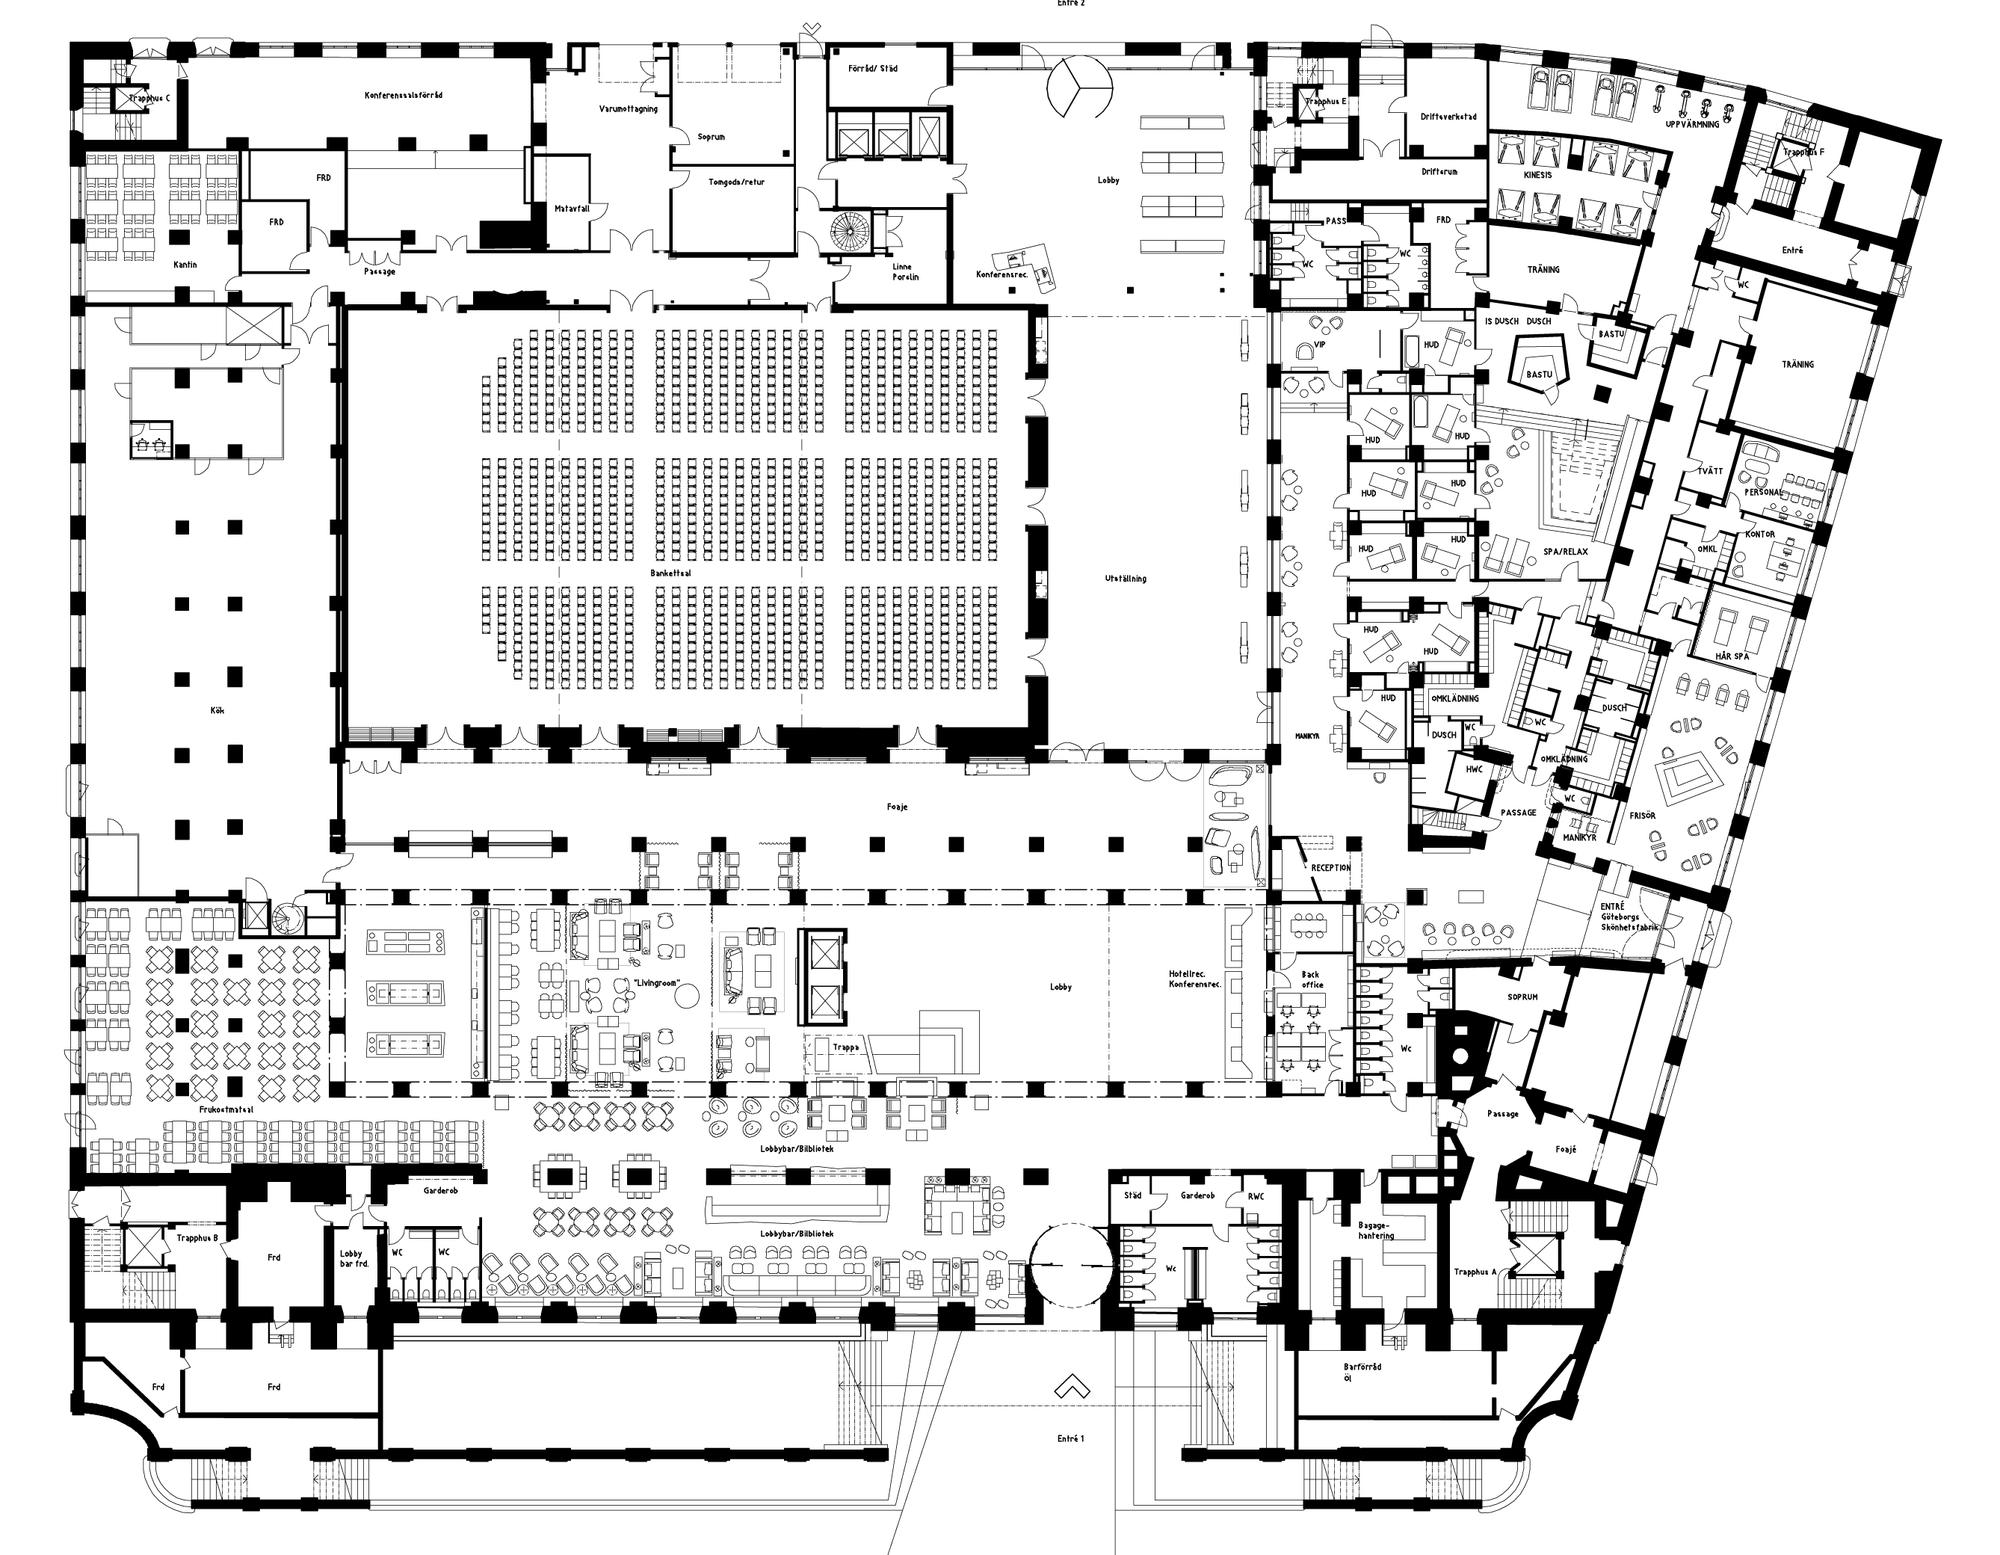 Planos de Clarion Hotel Post